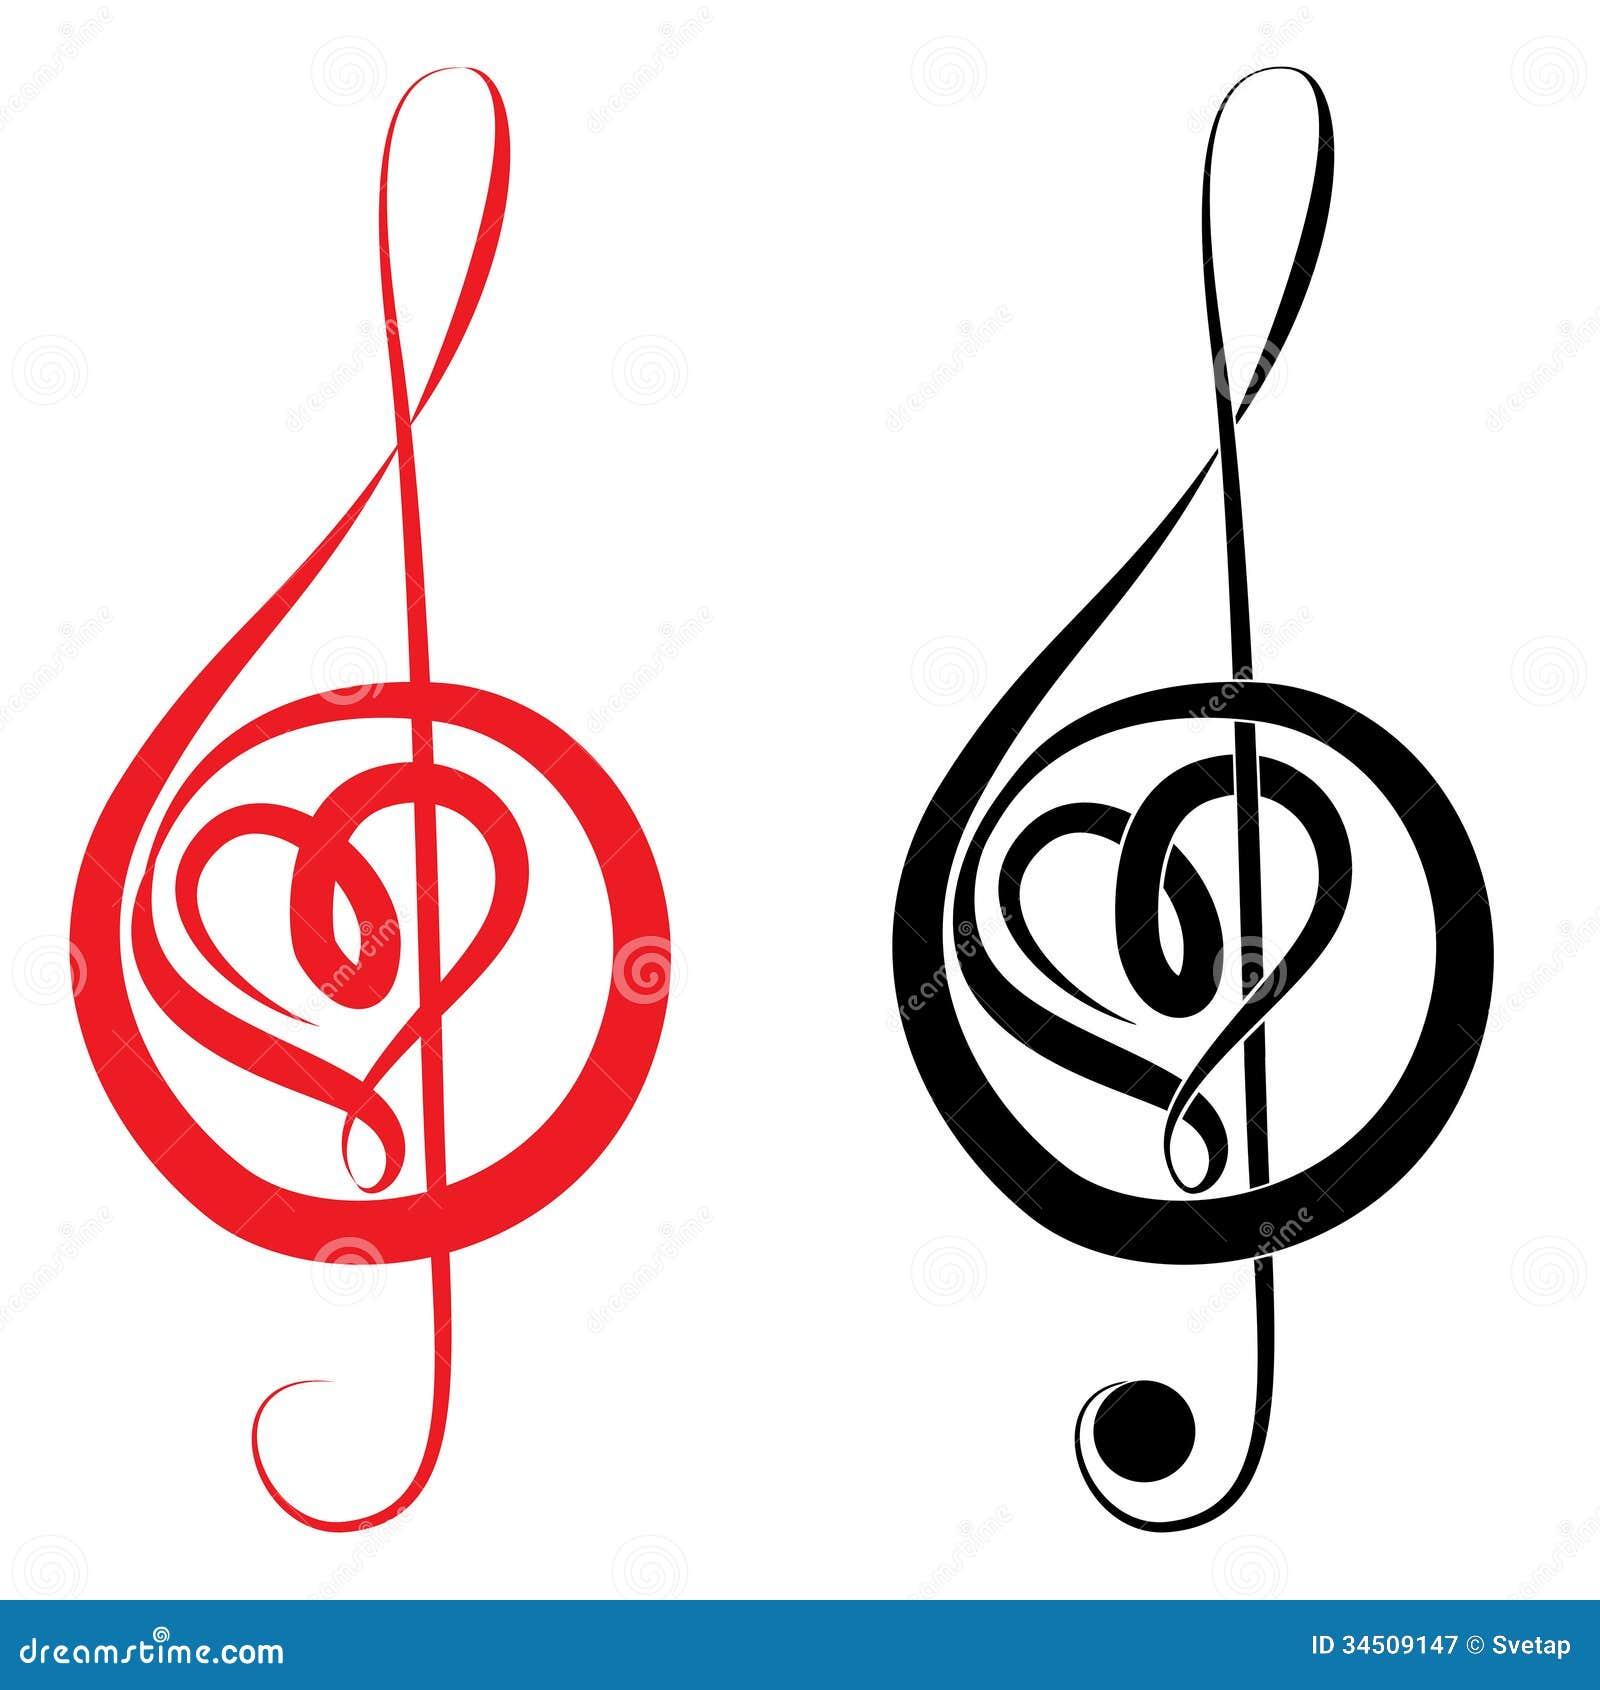 高音谱号和低音谱号的心脏